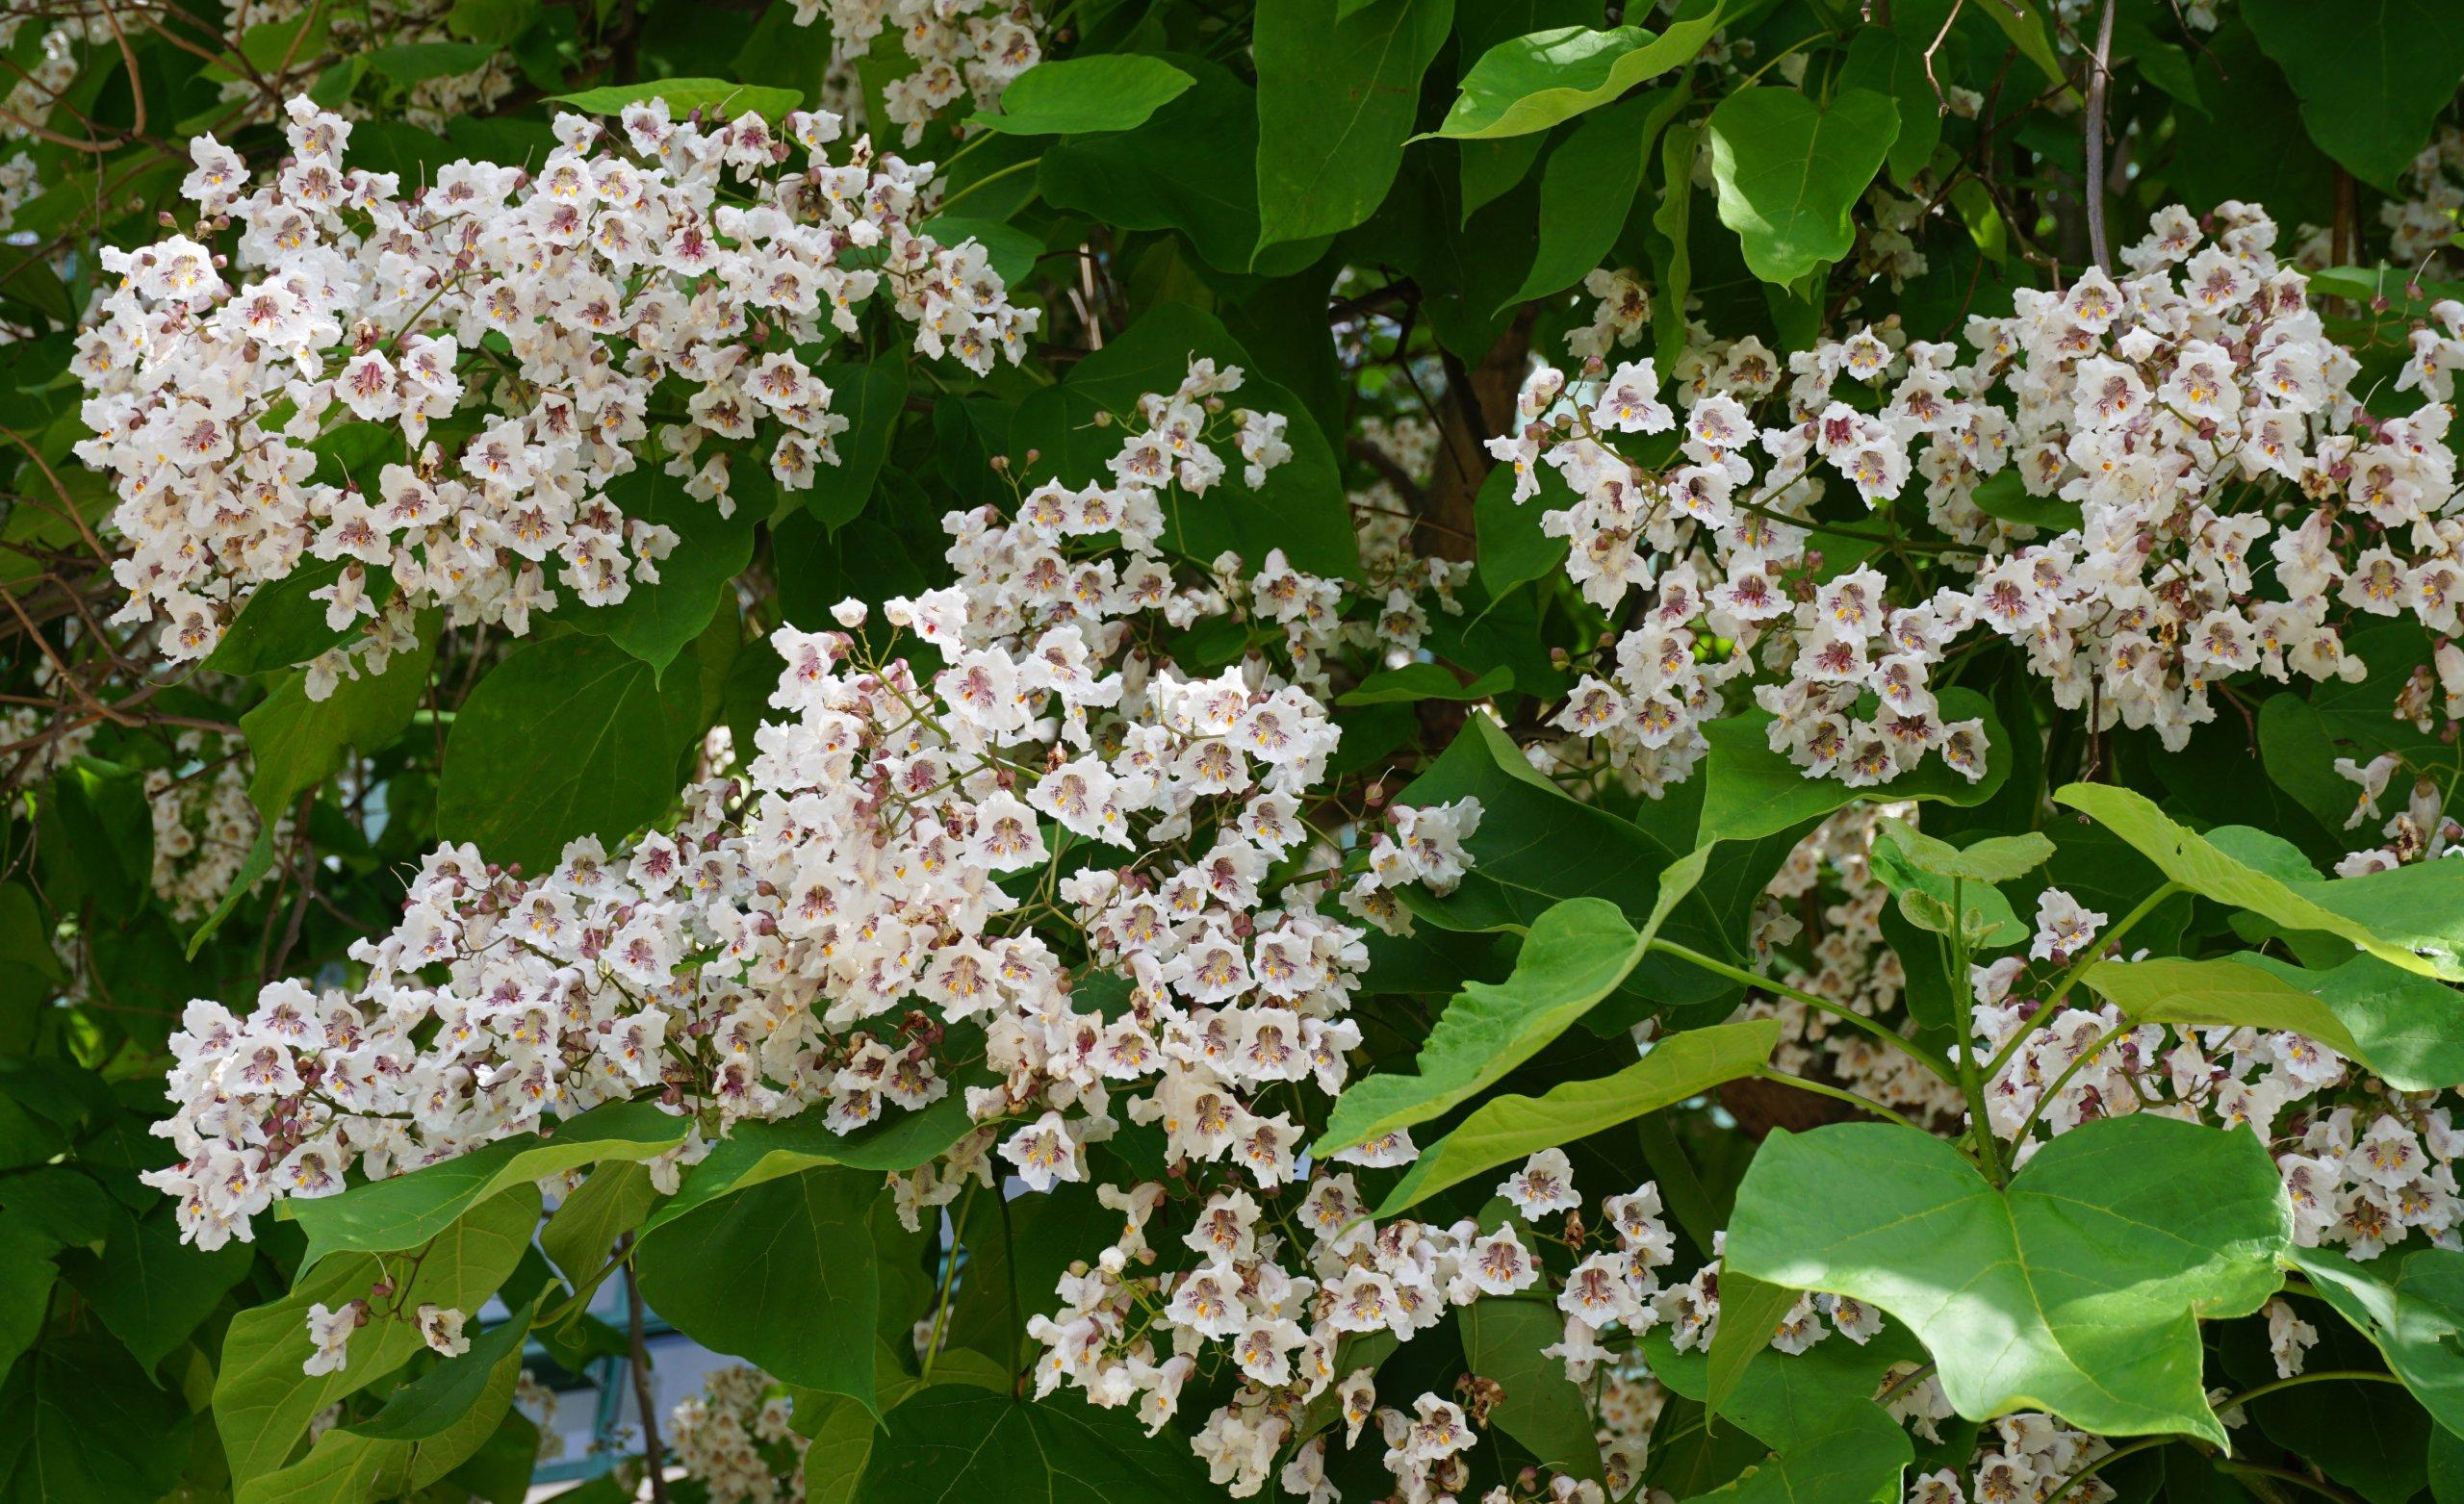 Das Bild zeigt die dicht in Rispen sitzenden Blüten eines Trompetenbaumes an der Venusstraße im Kosmosviertel.